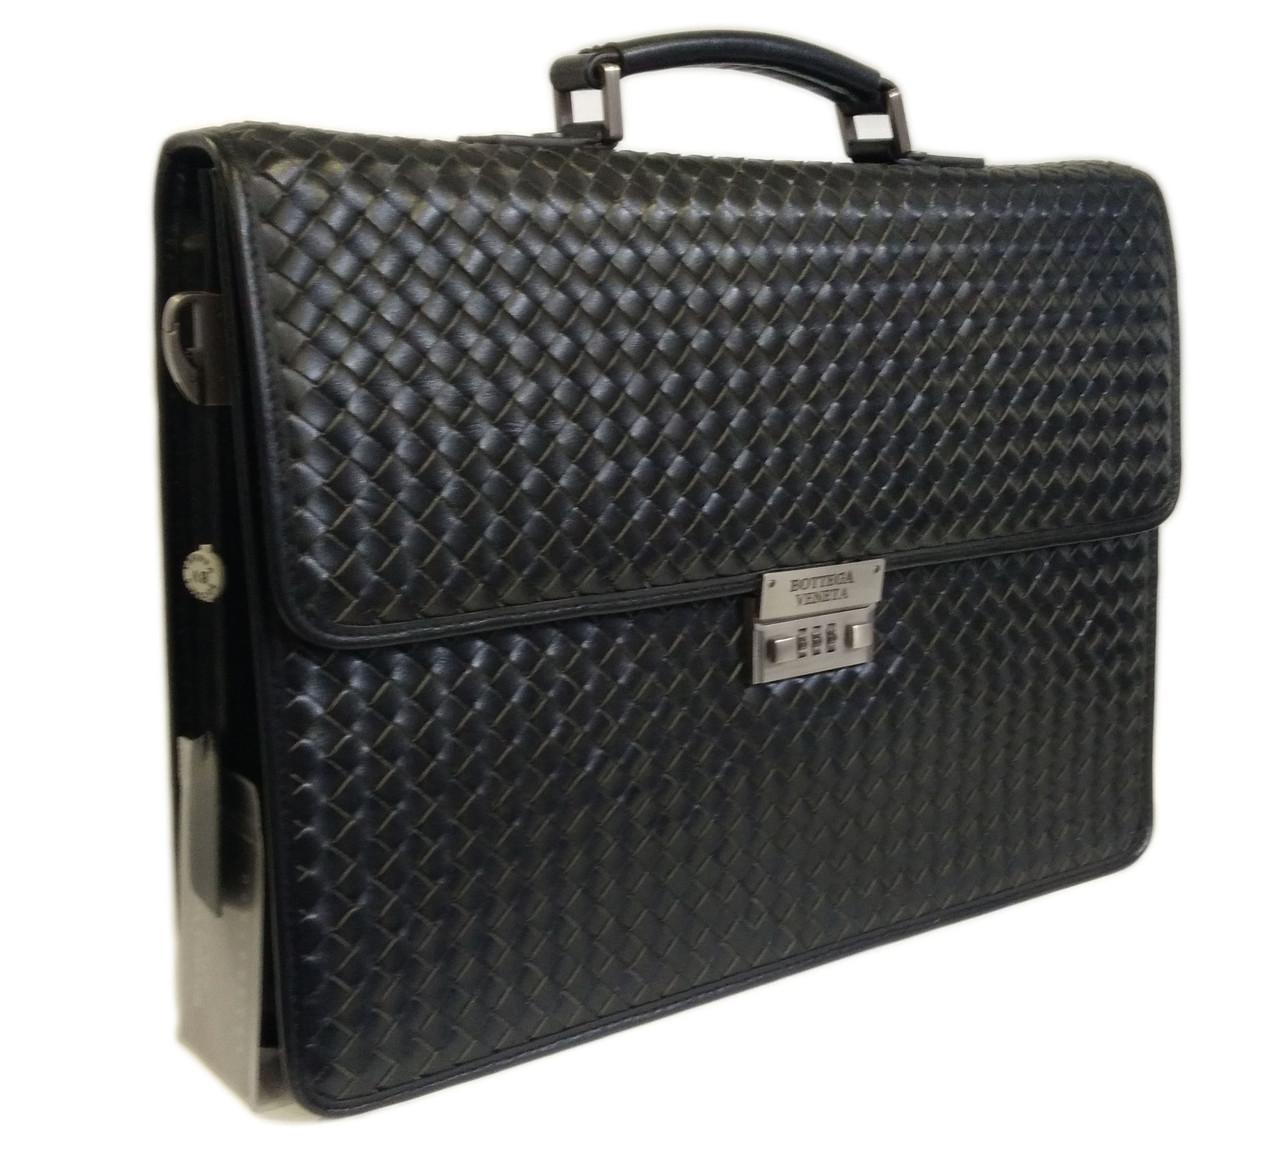 108-6616-2 Bottega Veneta портфель кожа черная плетенка